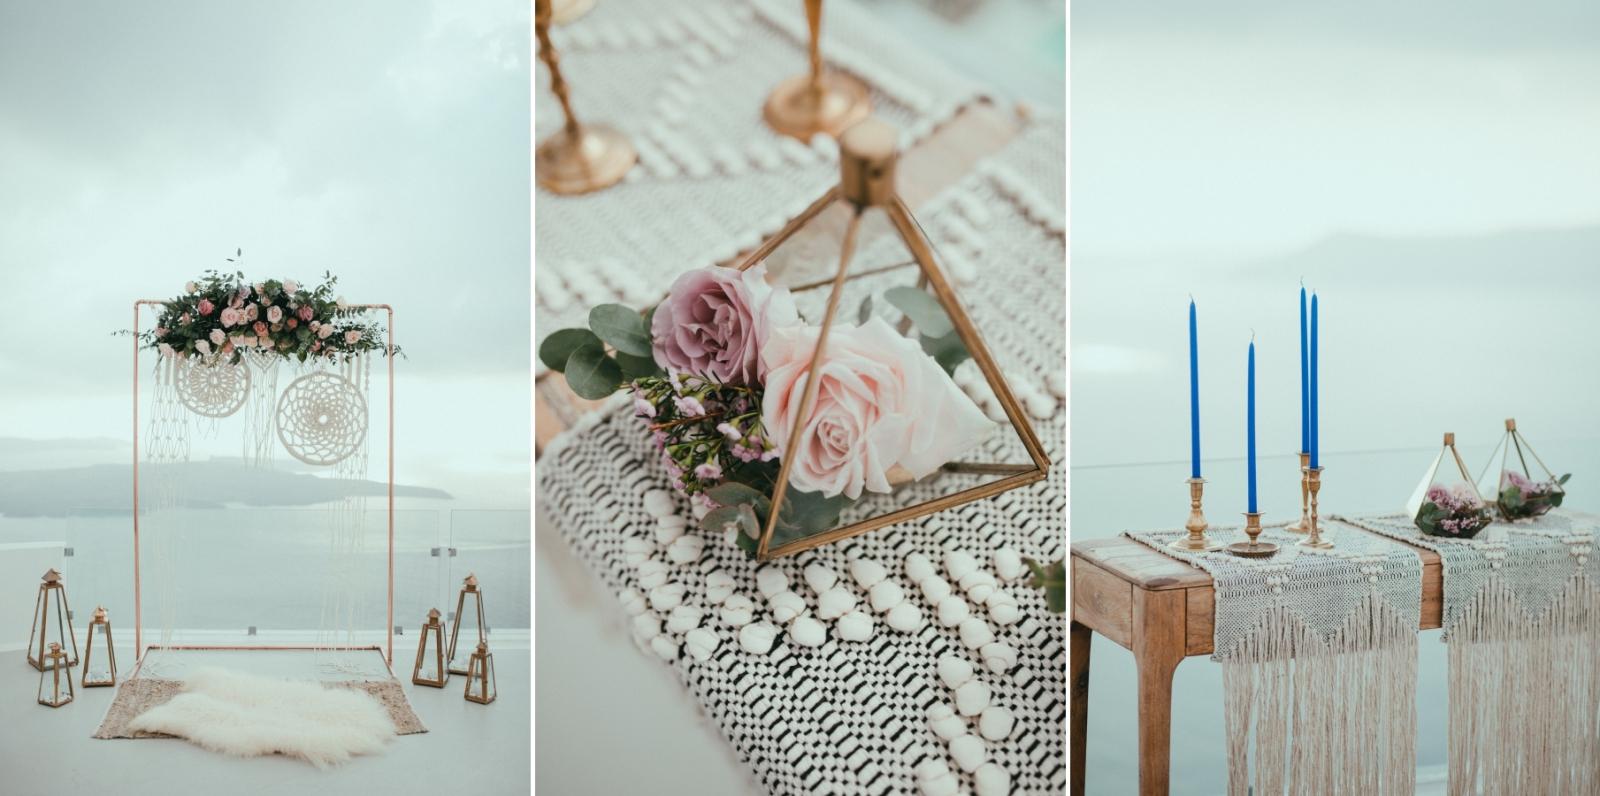 santorini-wedding-photographer47.jpg